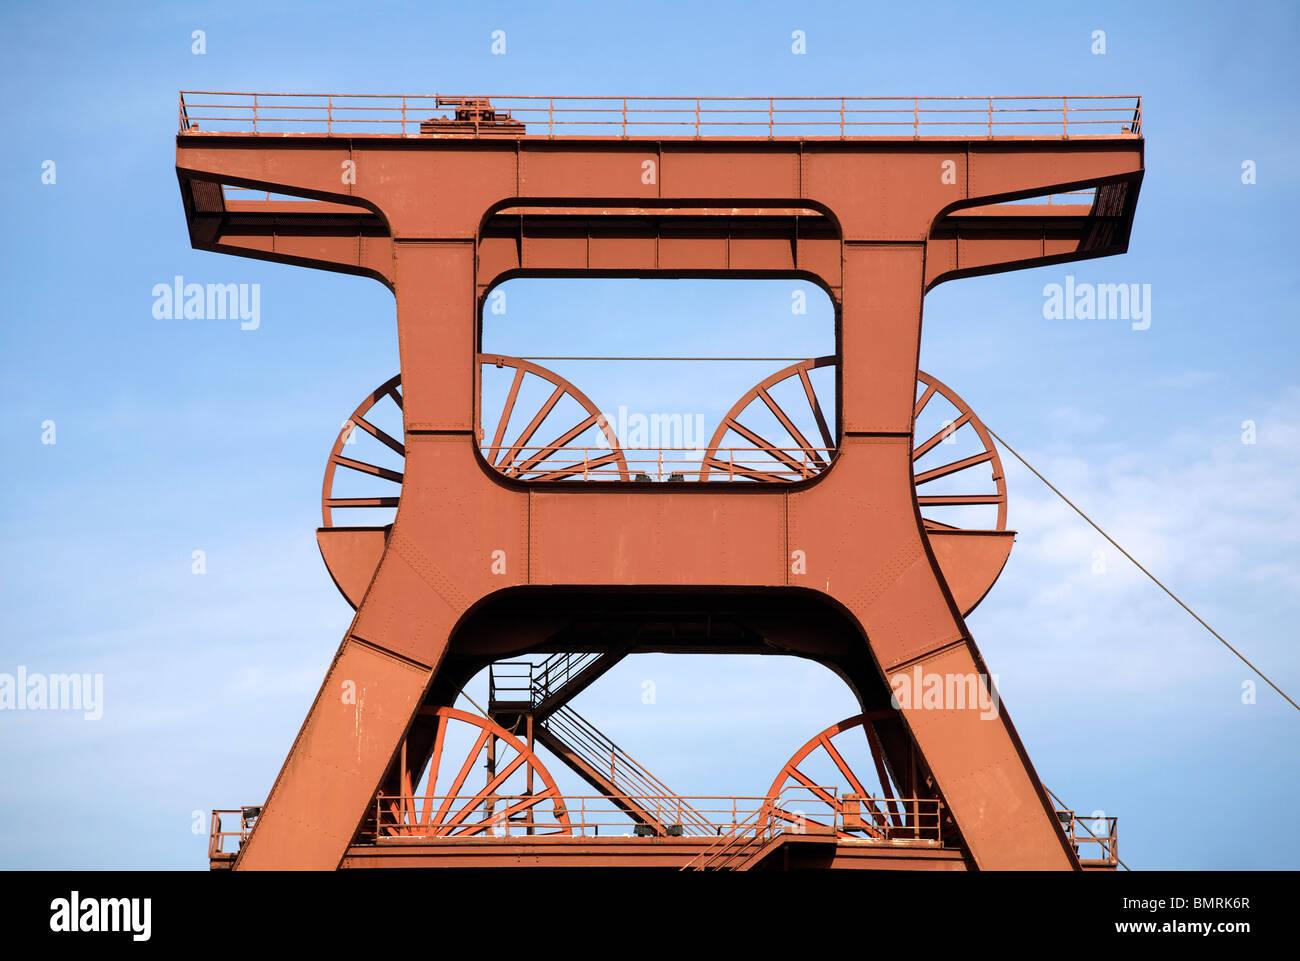 Zollverein Coal Mine Industrial Complex, UNESCO World Heritage Site, Essen, Germany - Stock Image